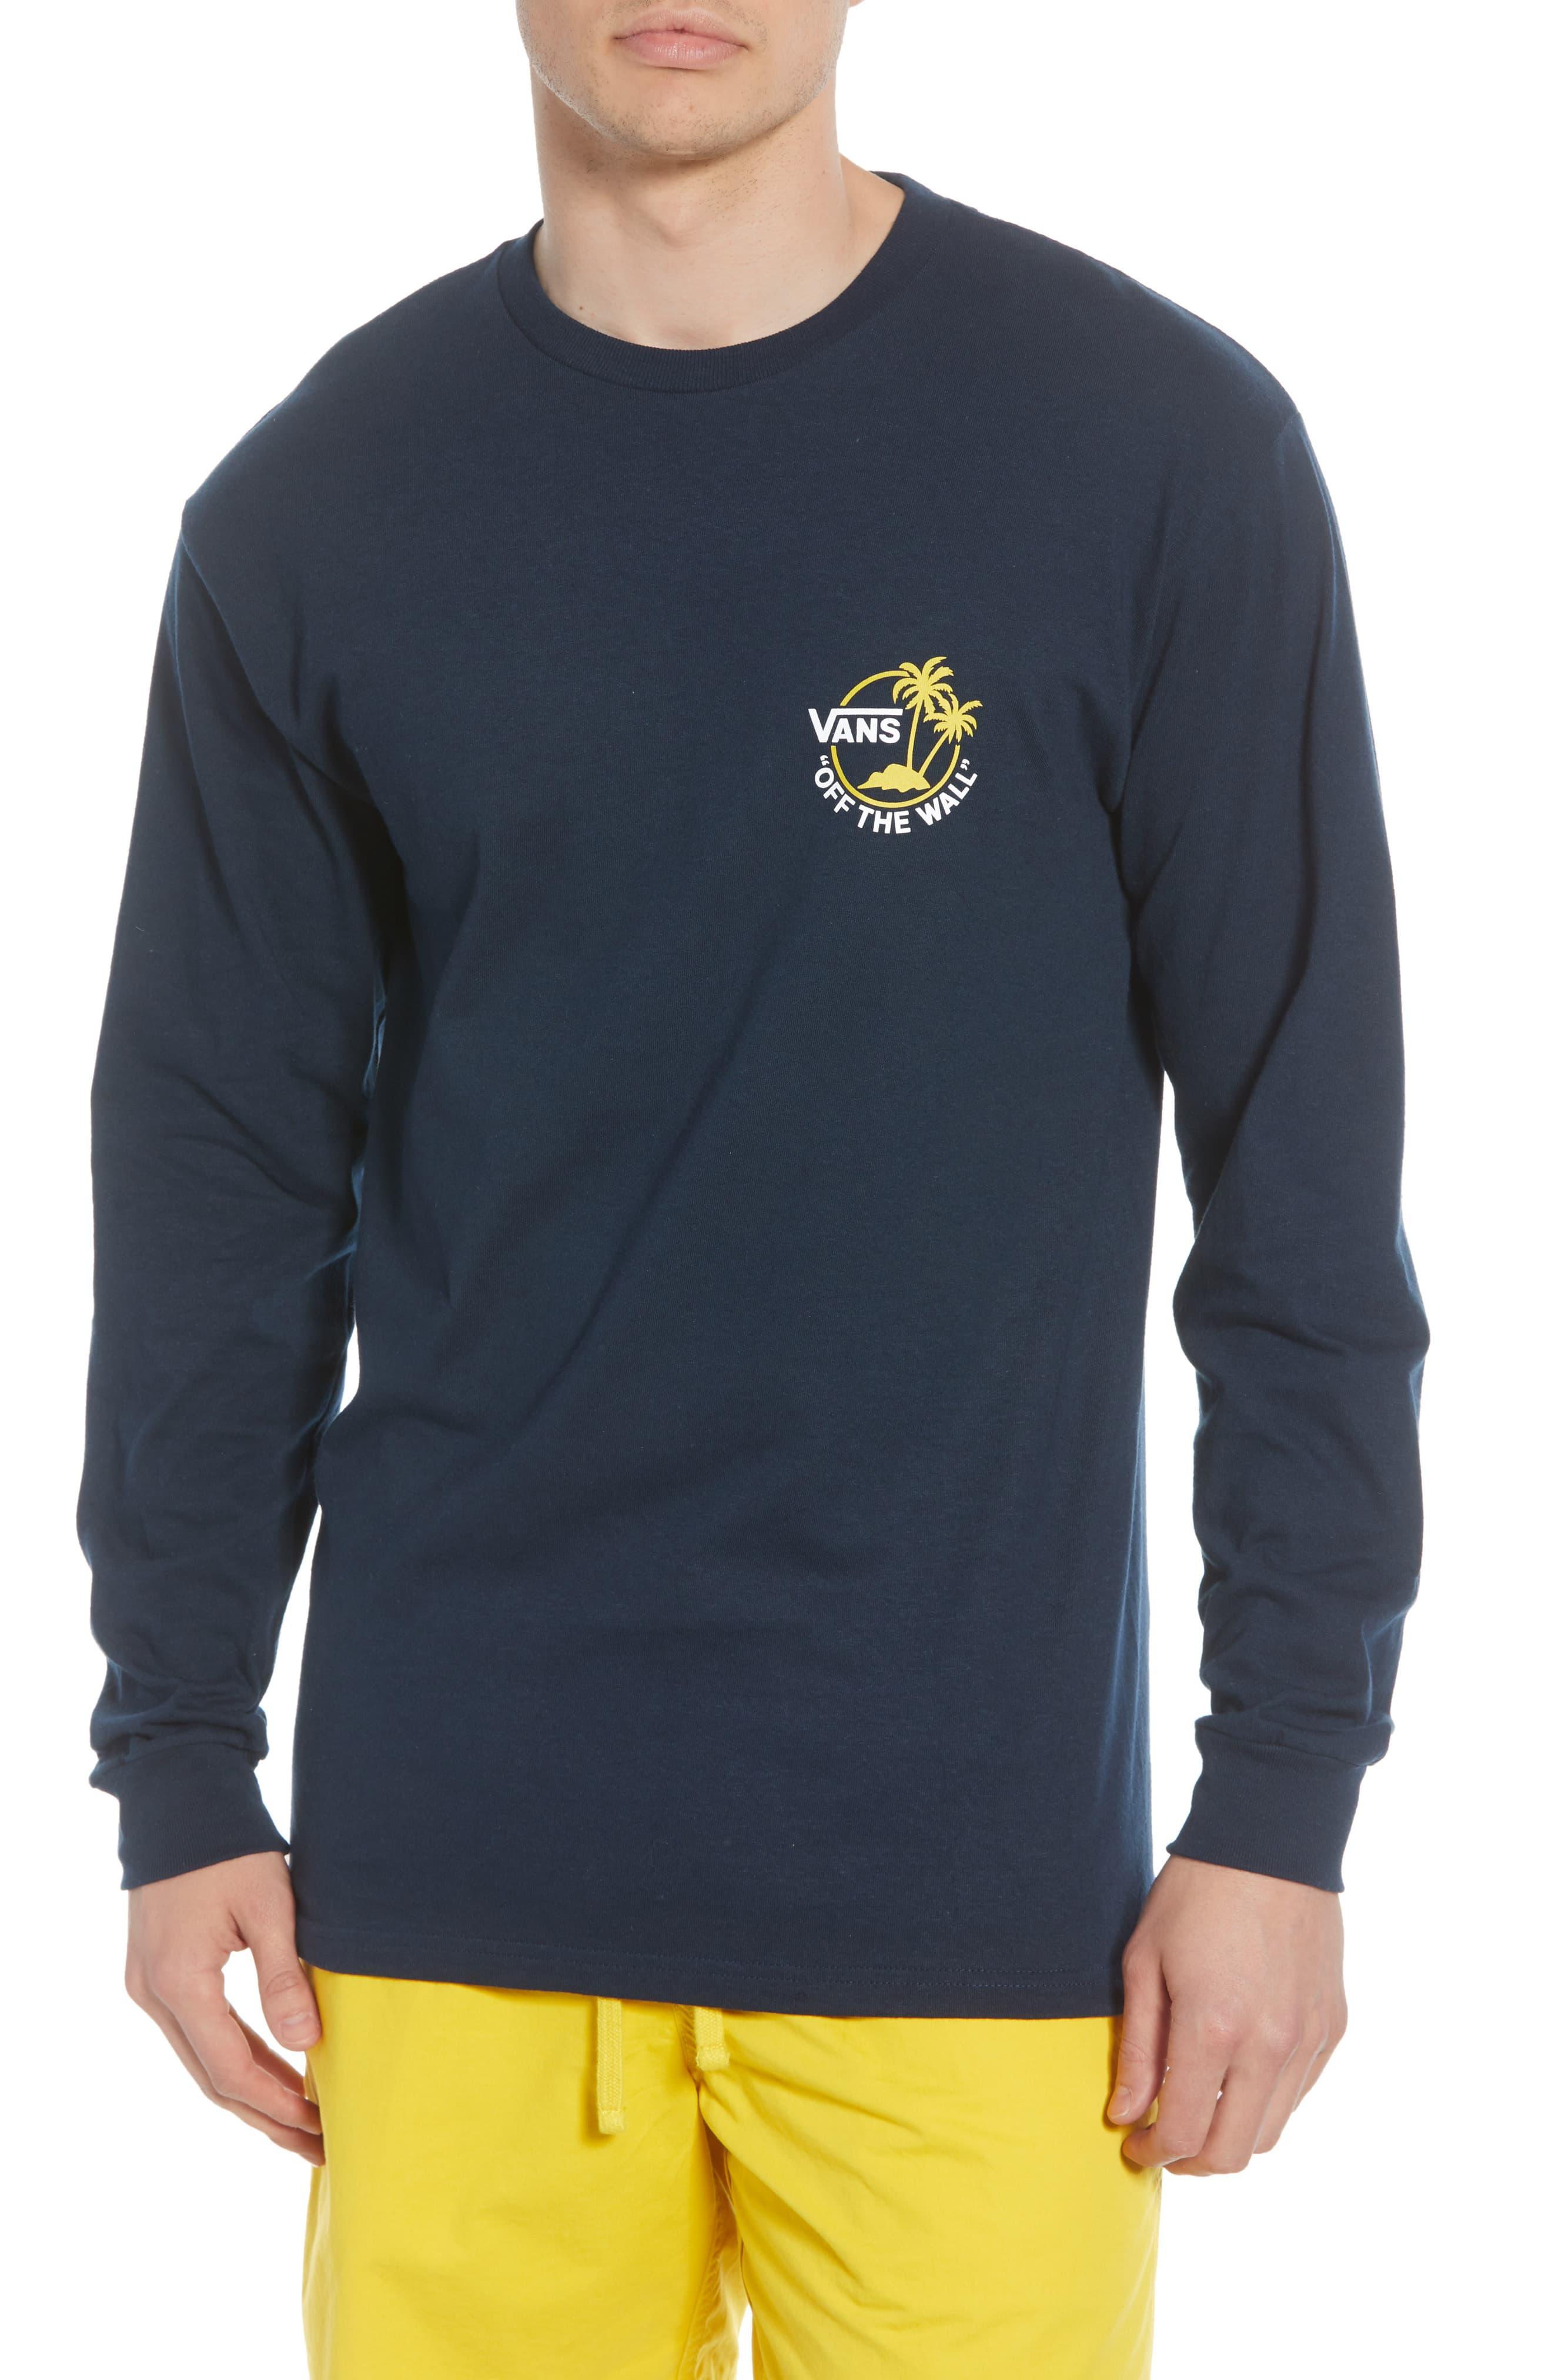 78413e15b Men's Vans Surf Palm Graphic Long Sleeve T-Shirt, Size Large - Blue ...